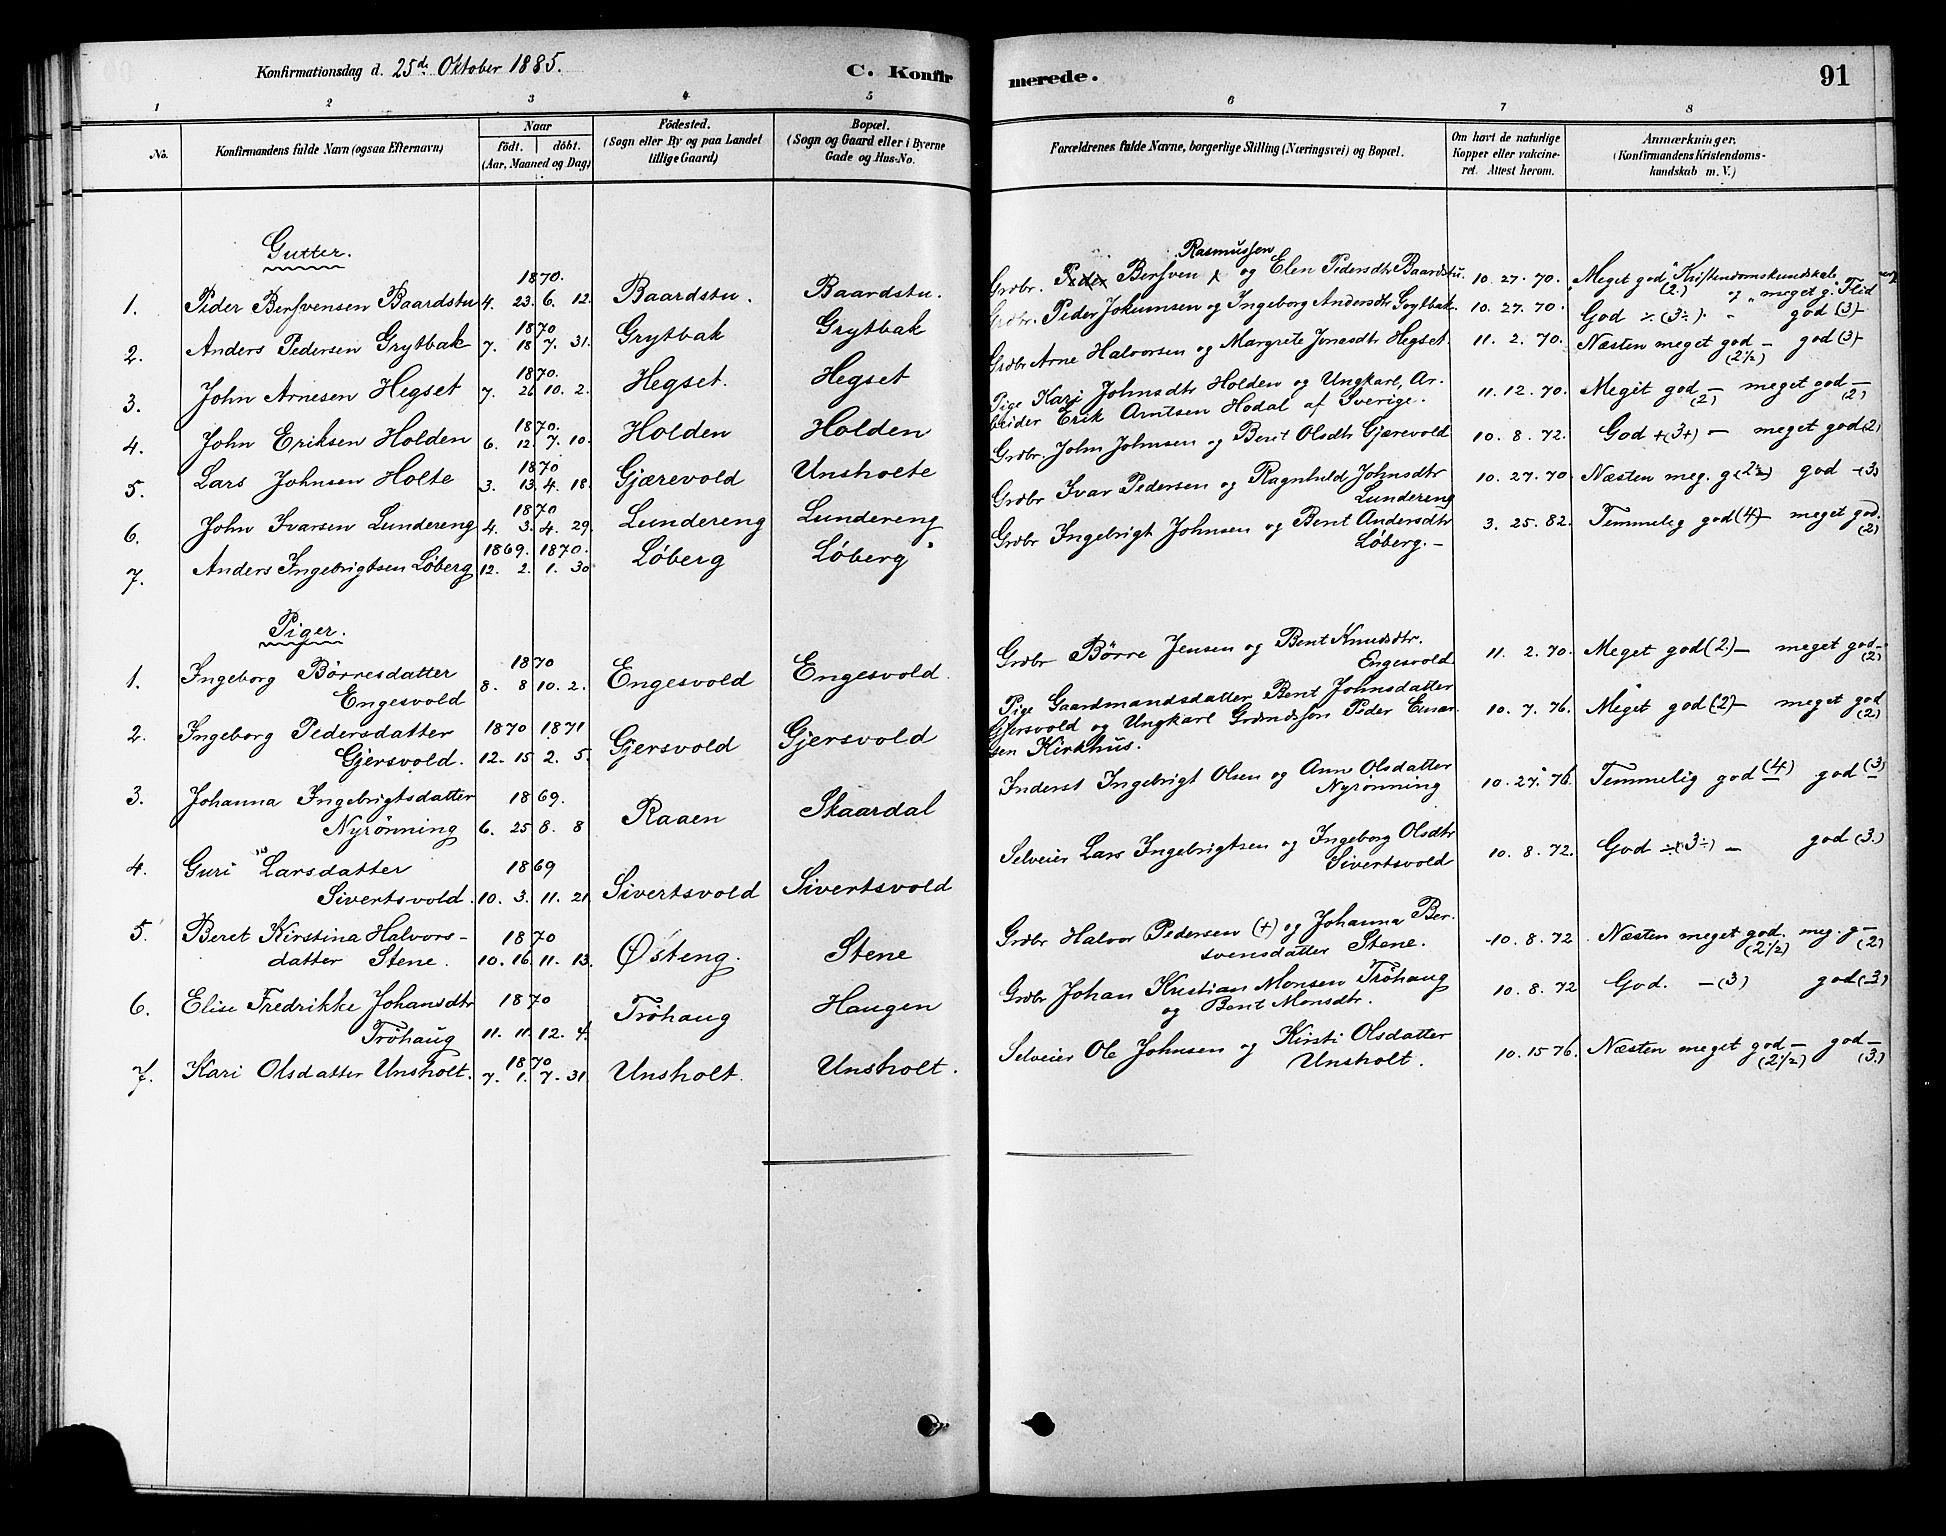 SAT, Ministerialprotokoller, klokkerbøker og fødselsregistre - Sør-Trøndelag, 686/L0983: Ministerialbok nr. 686A01, 1879-1890, s. 91